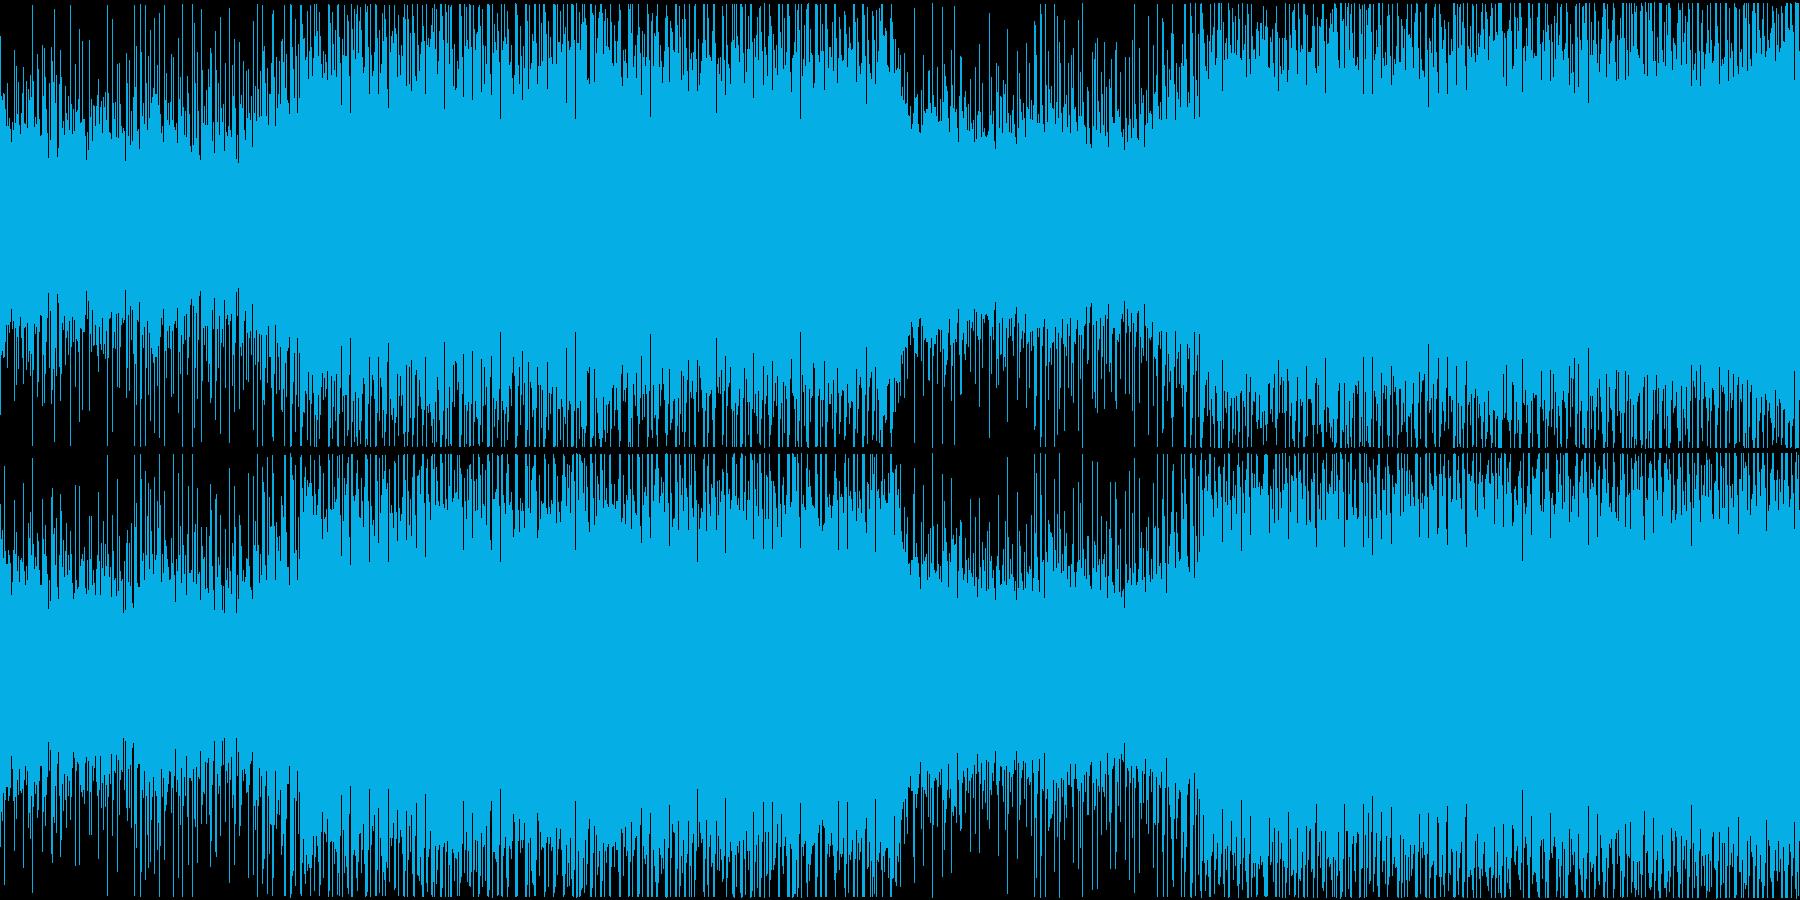 爽やかで軽快なハウスミュージックループの再生済みの波形